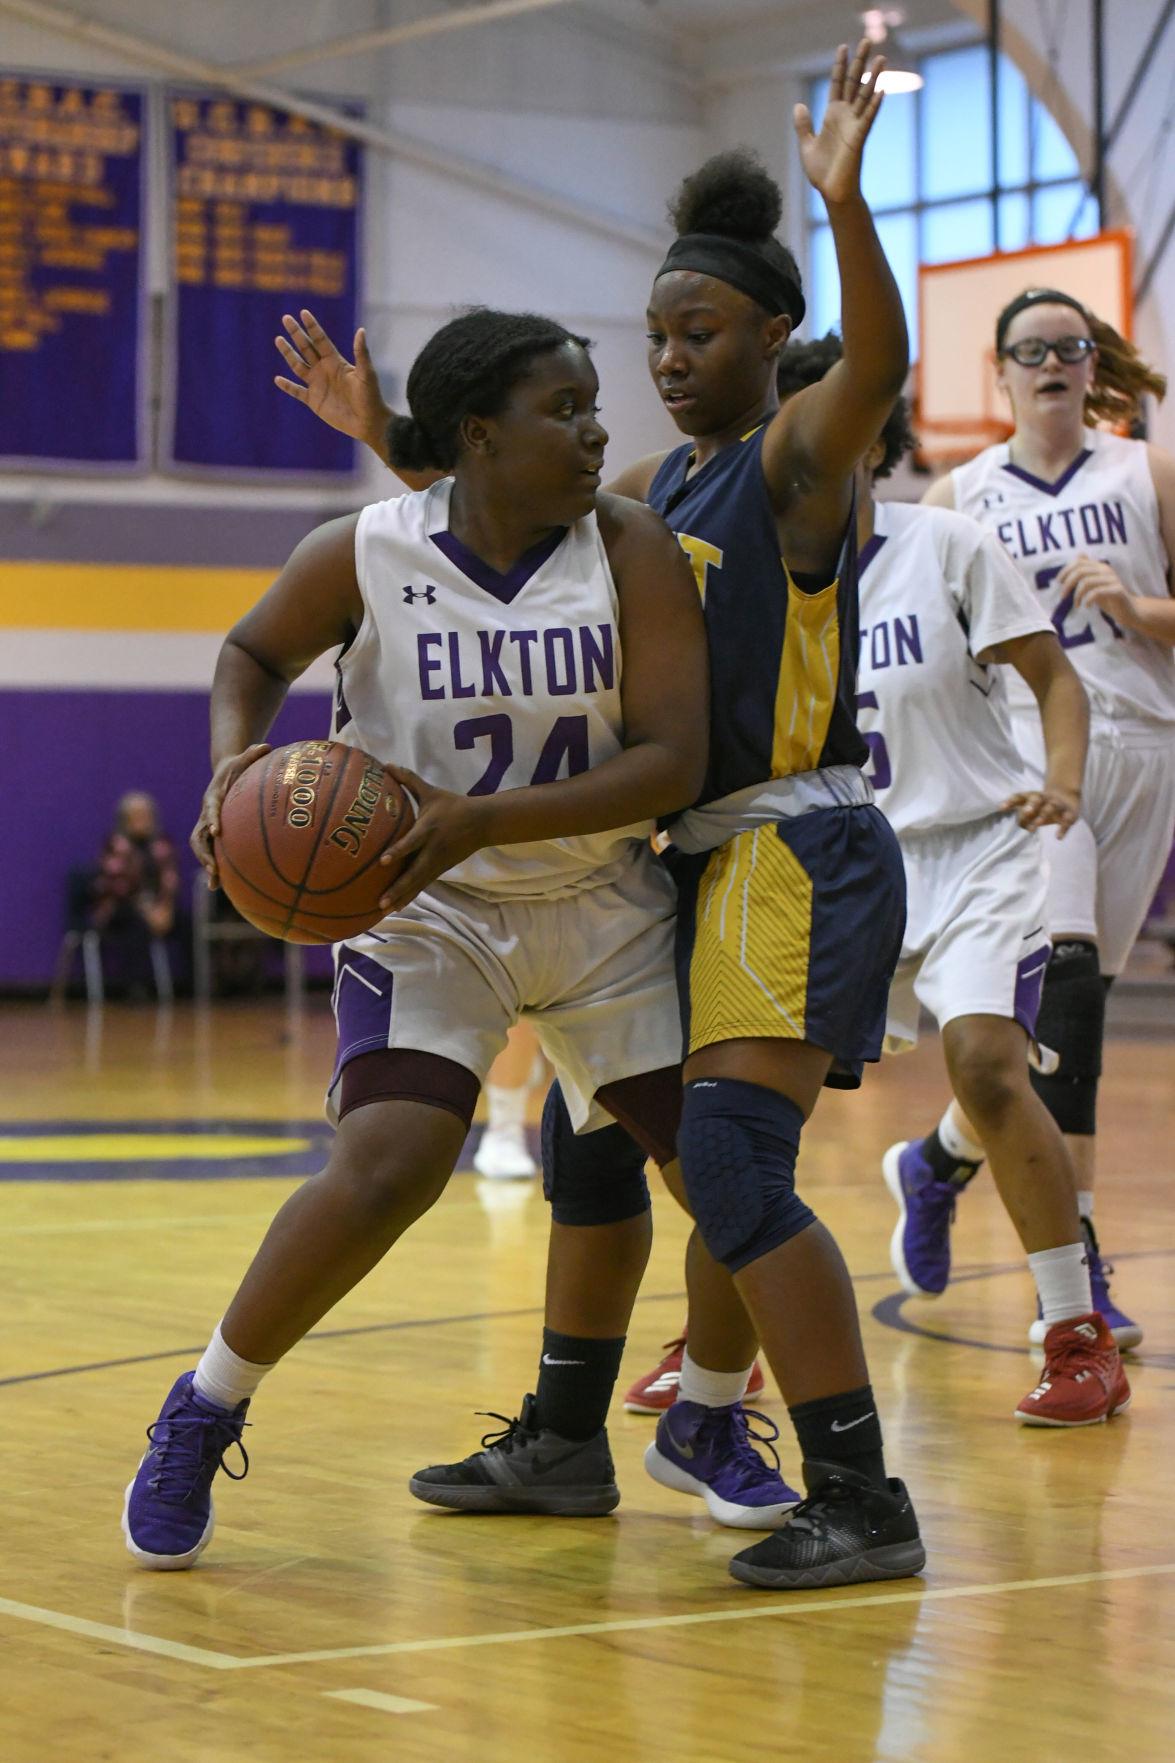 Elkton vs. Kent County girls' basketball